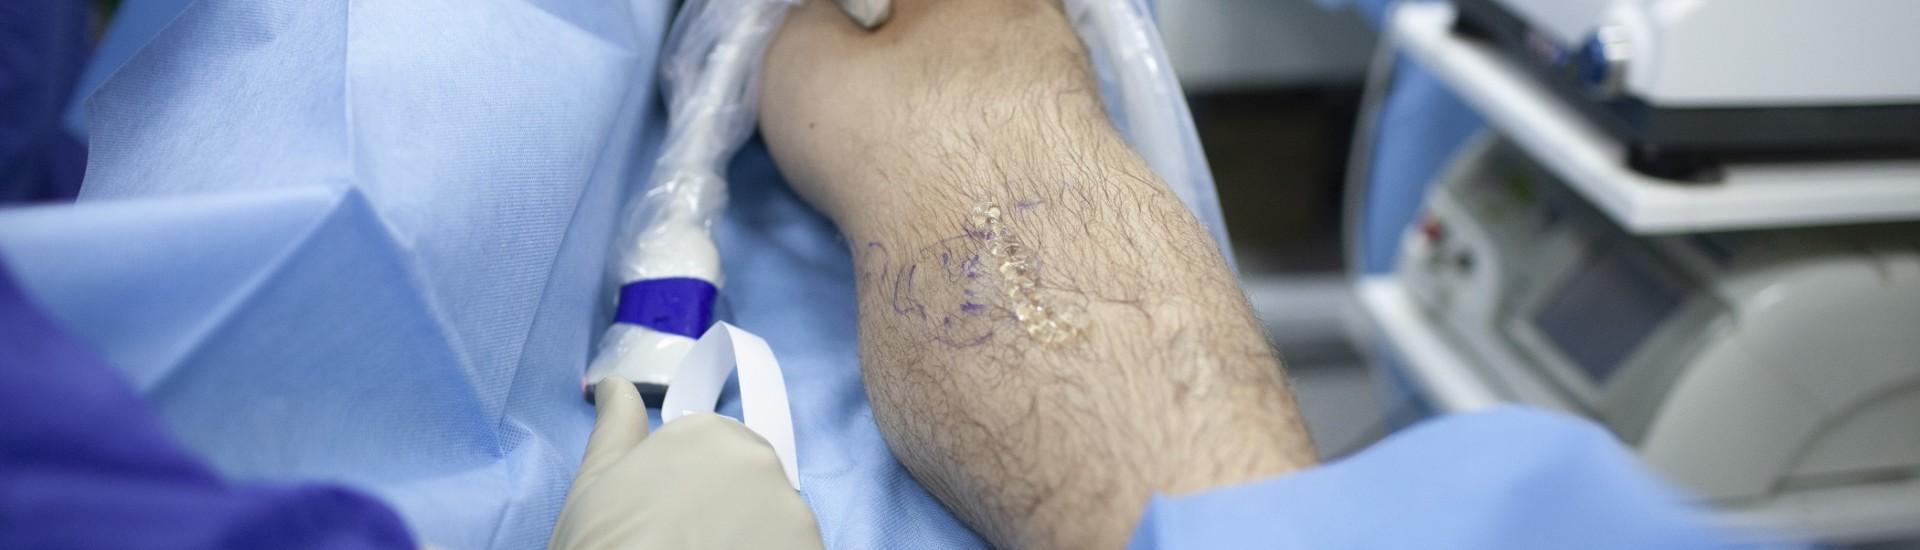 laserowe leczenie zylakow